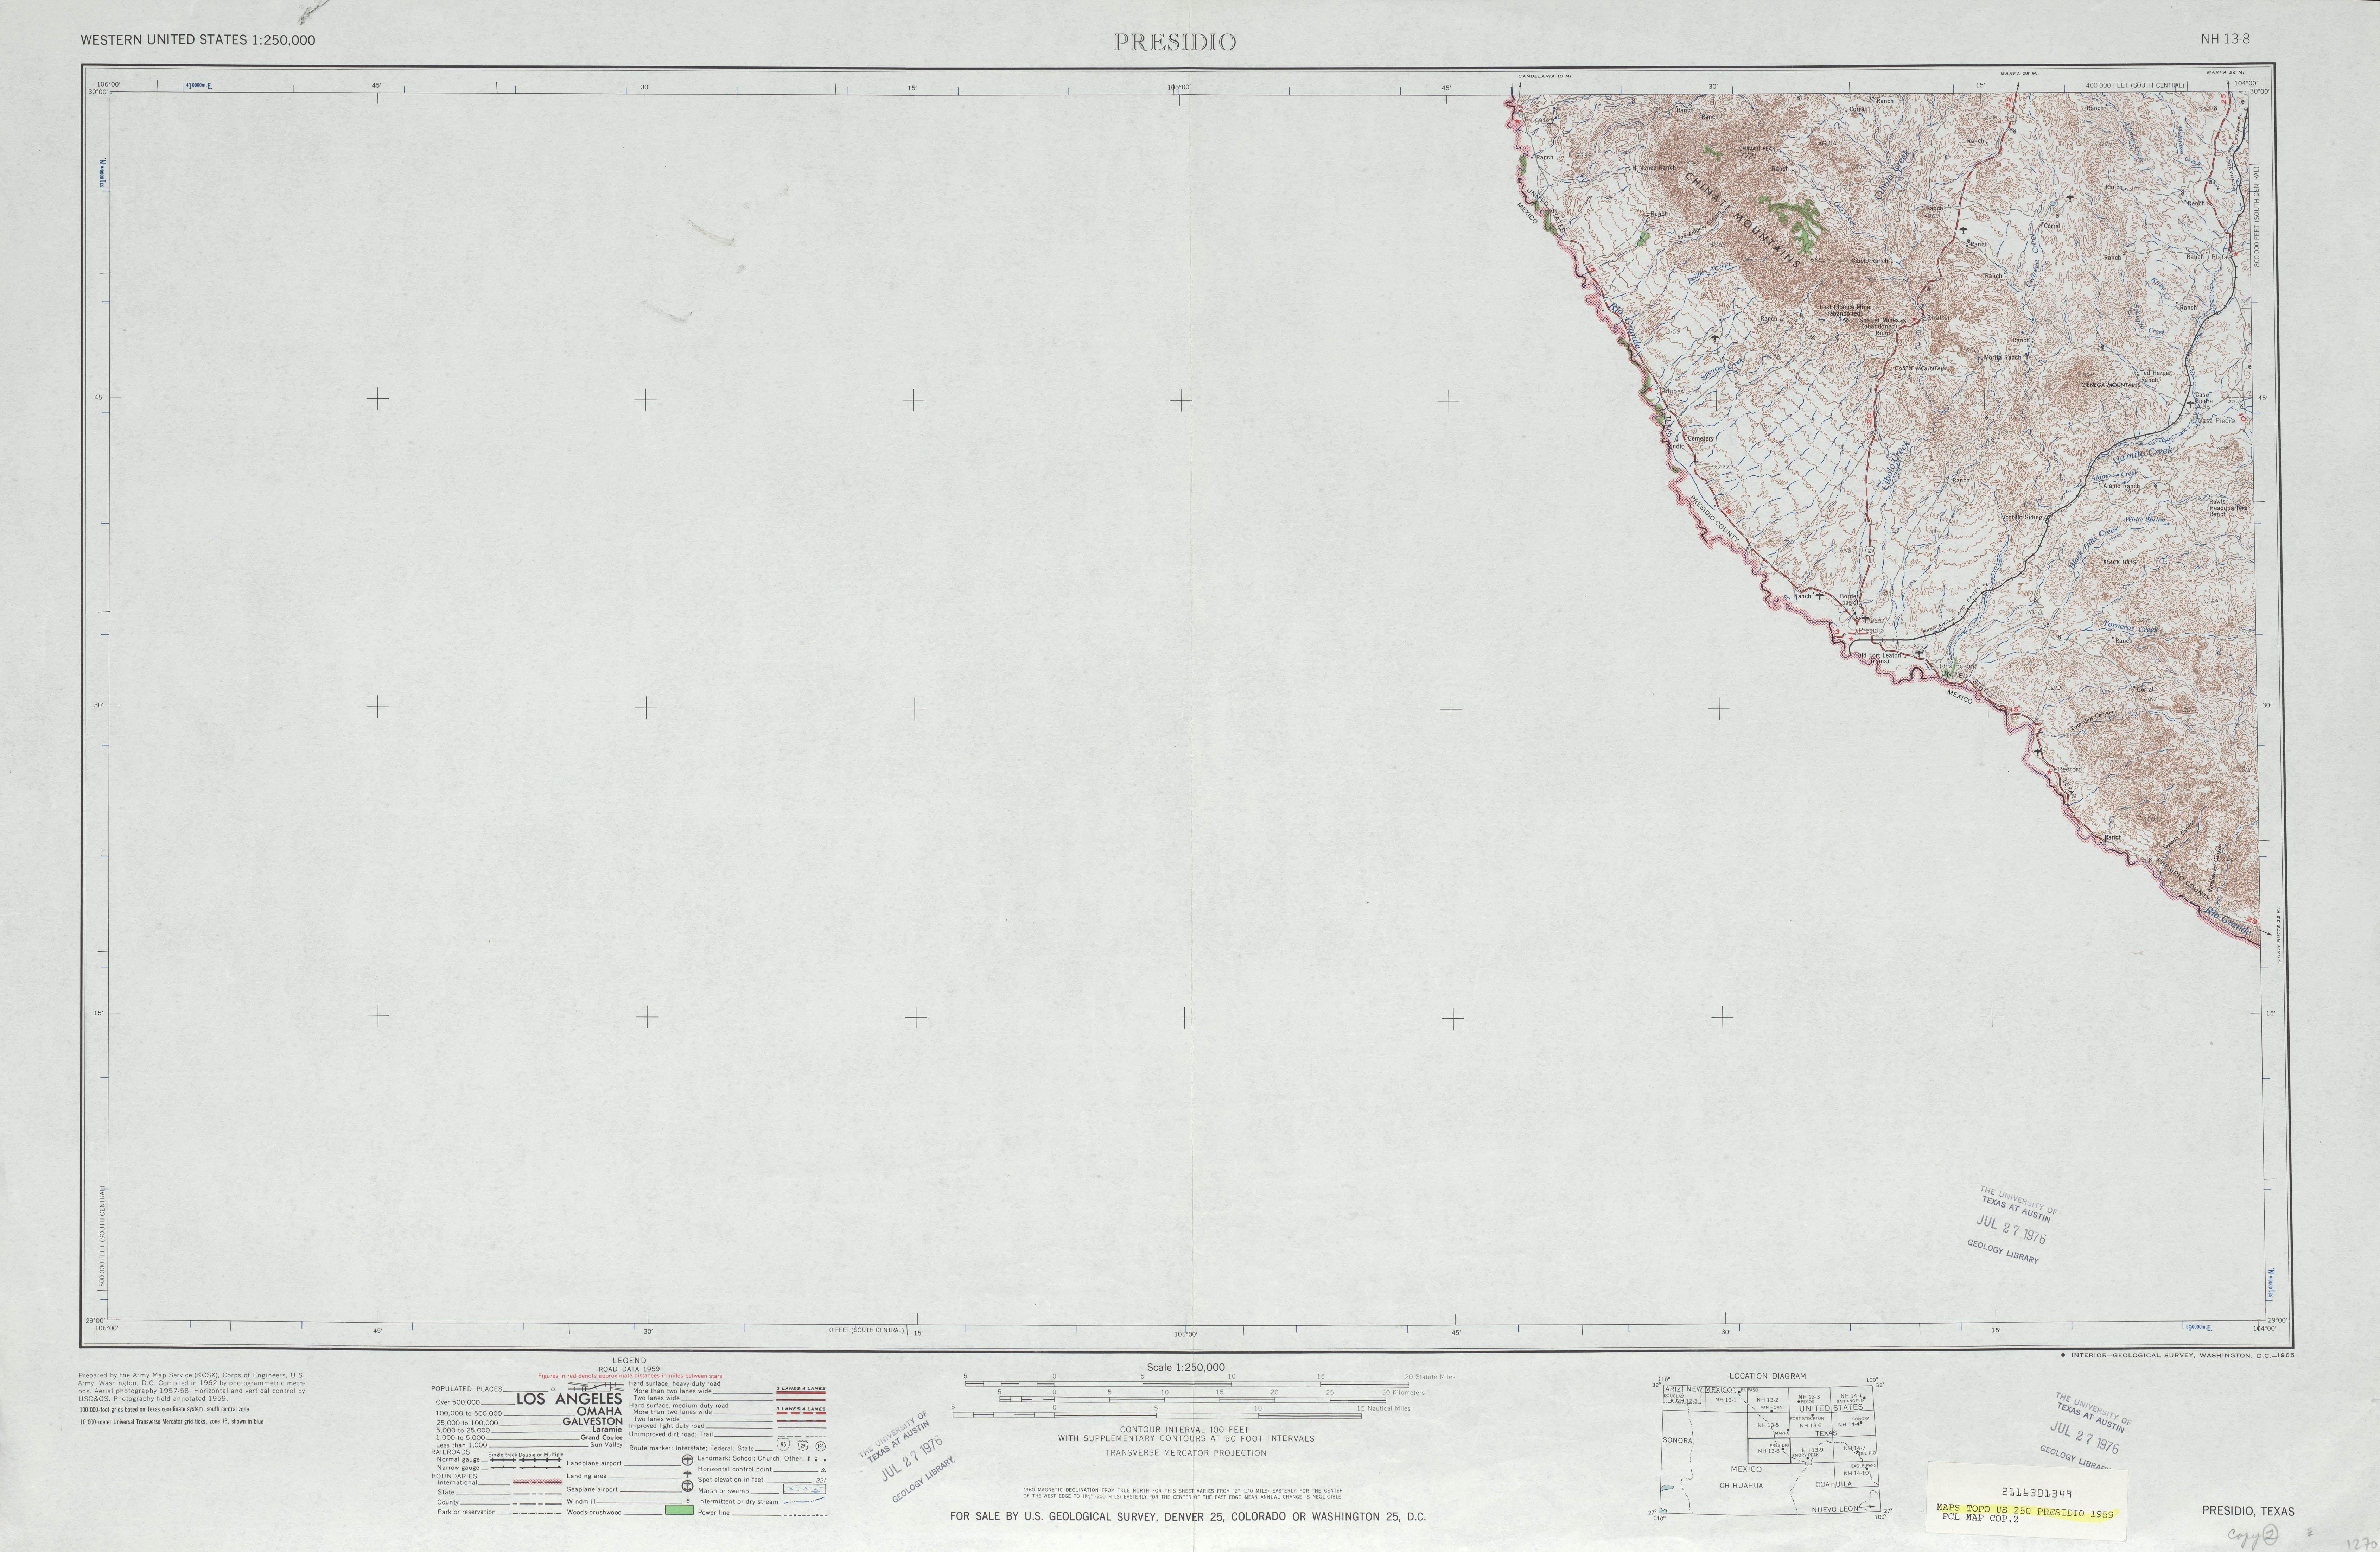 Hoja Presidio del Mapa Topográfico de los Estados Unidos 1959